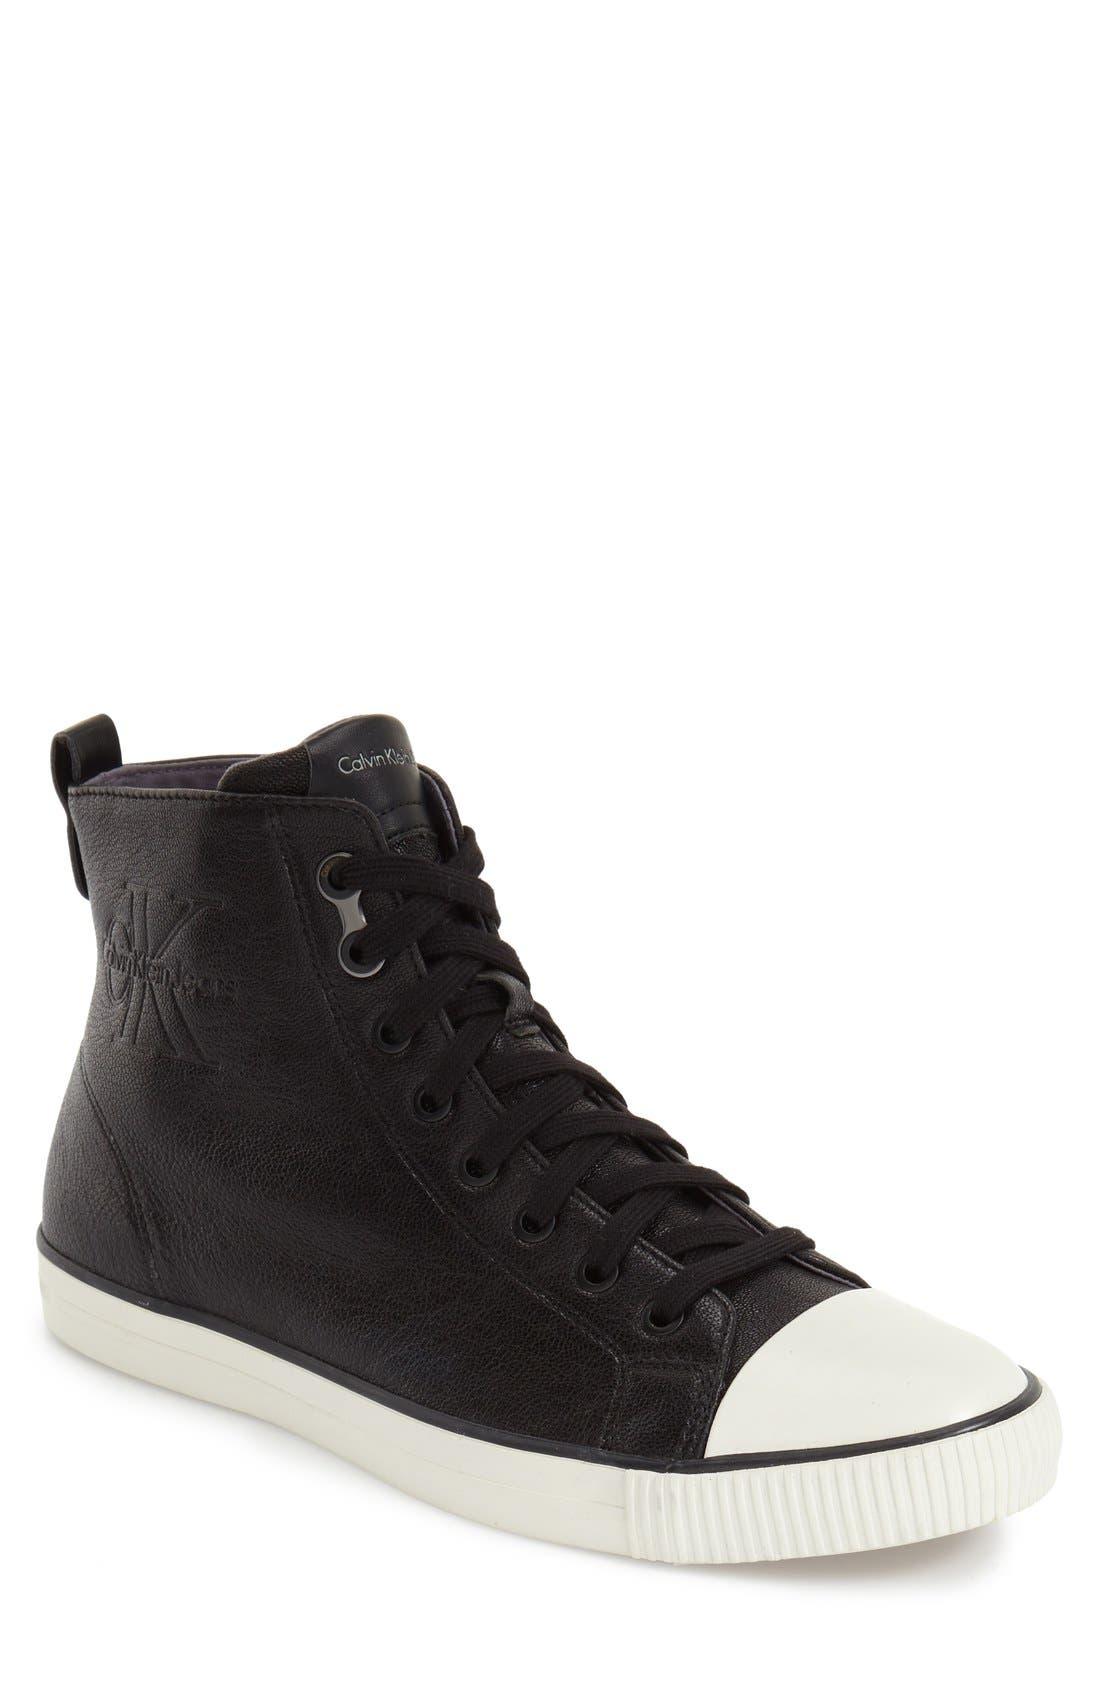 CALVIN KLEIN JEANS 'Aron' High Top Sneaker